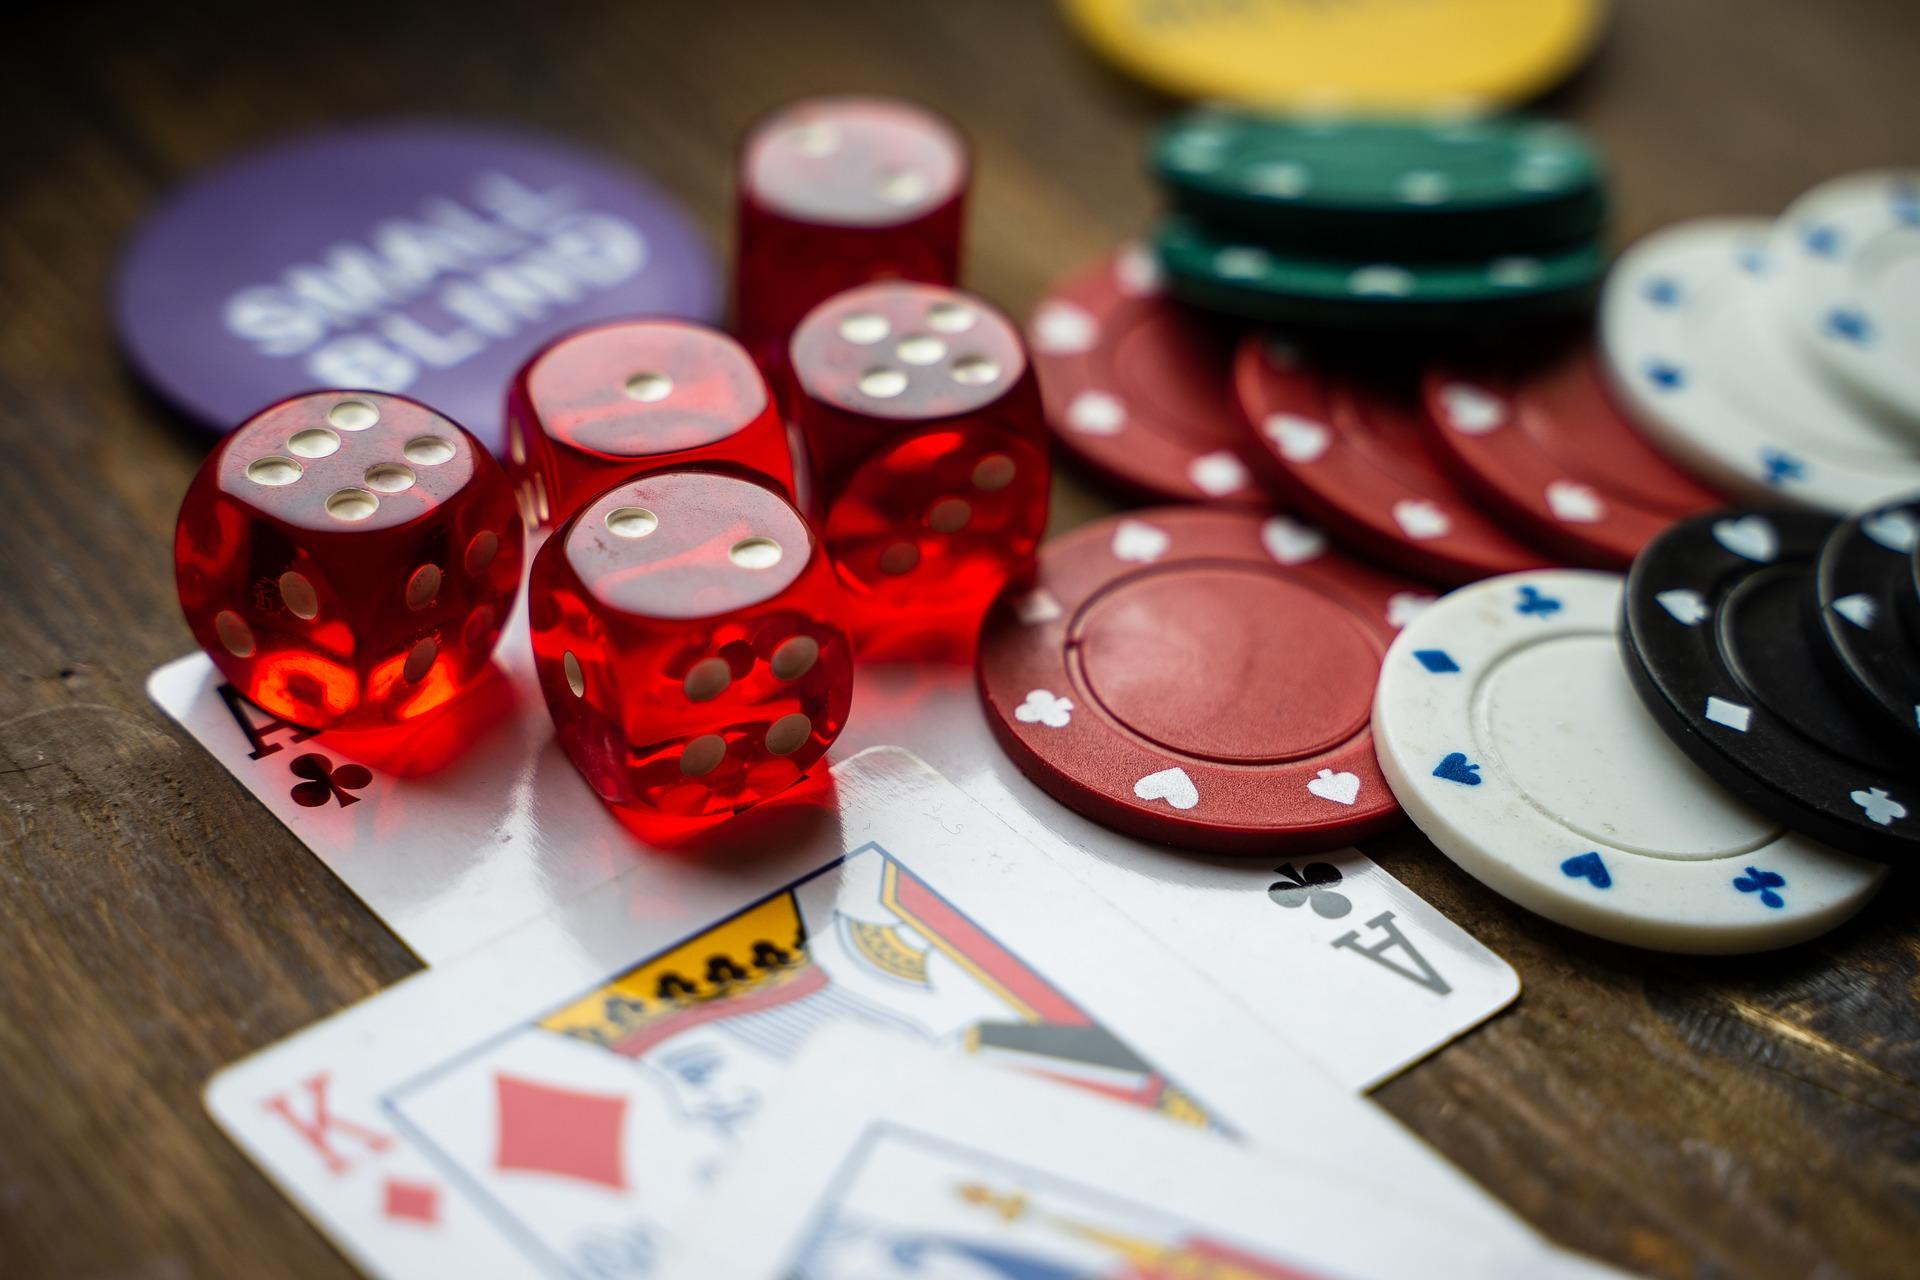 La popularidad de los casinos online crece gracias al COVID-19